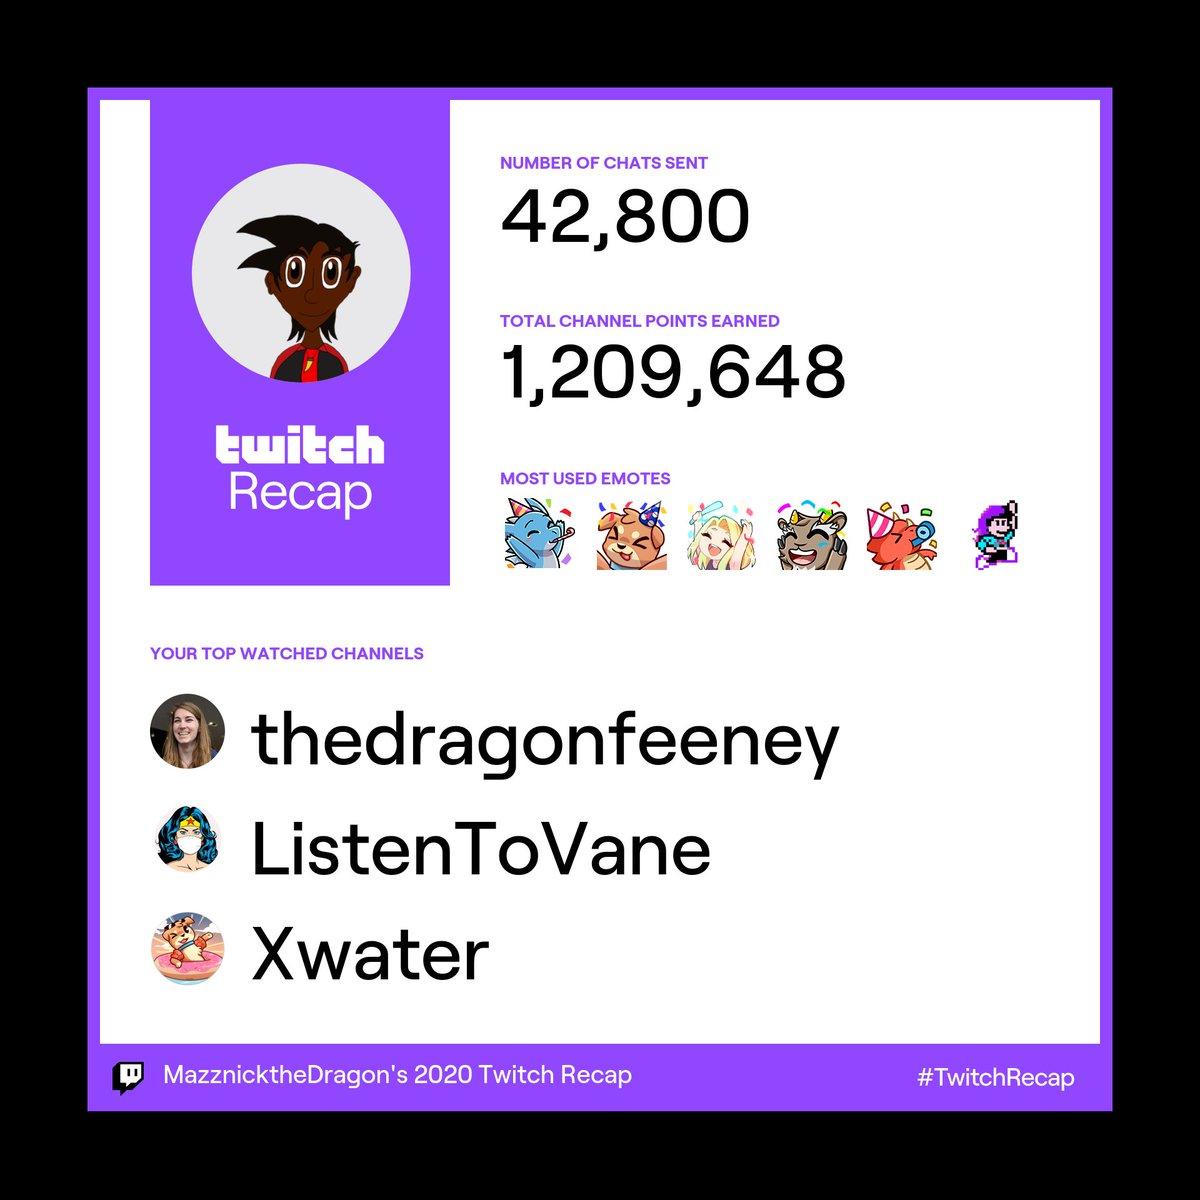 #TwitchRecap